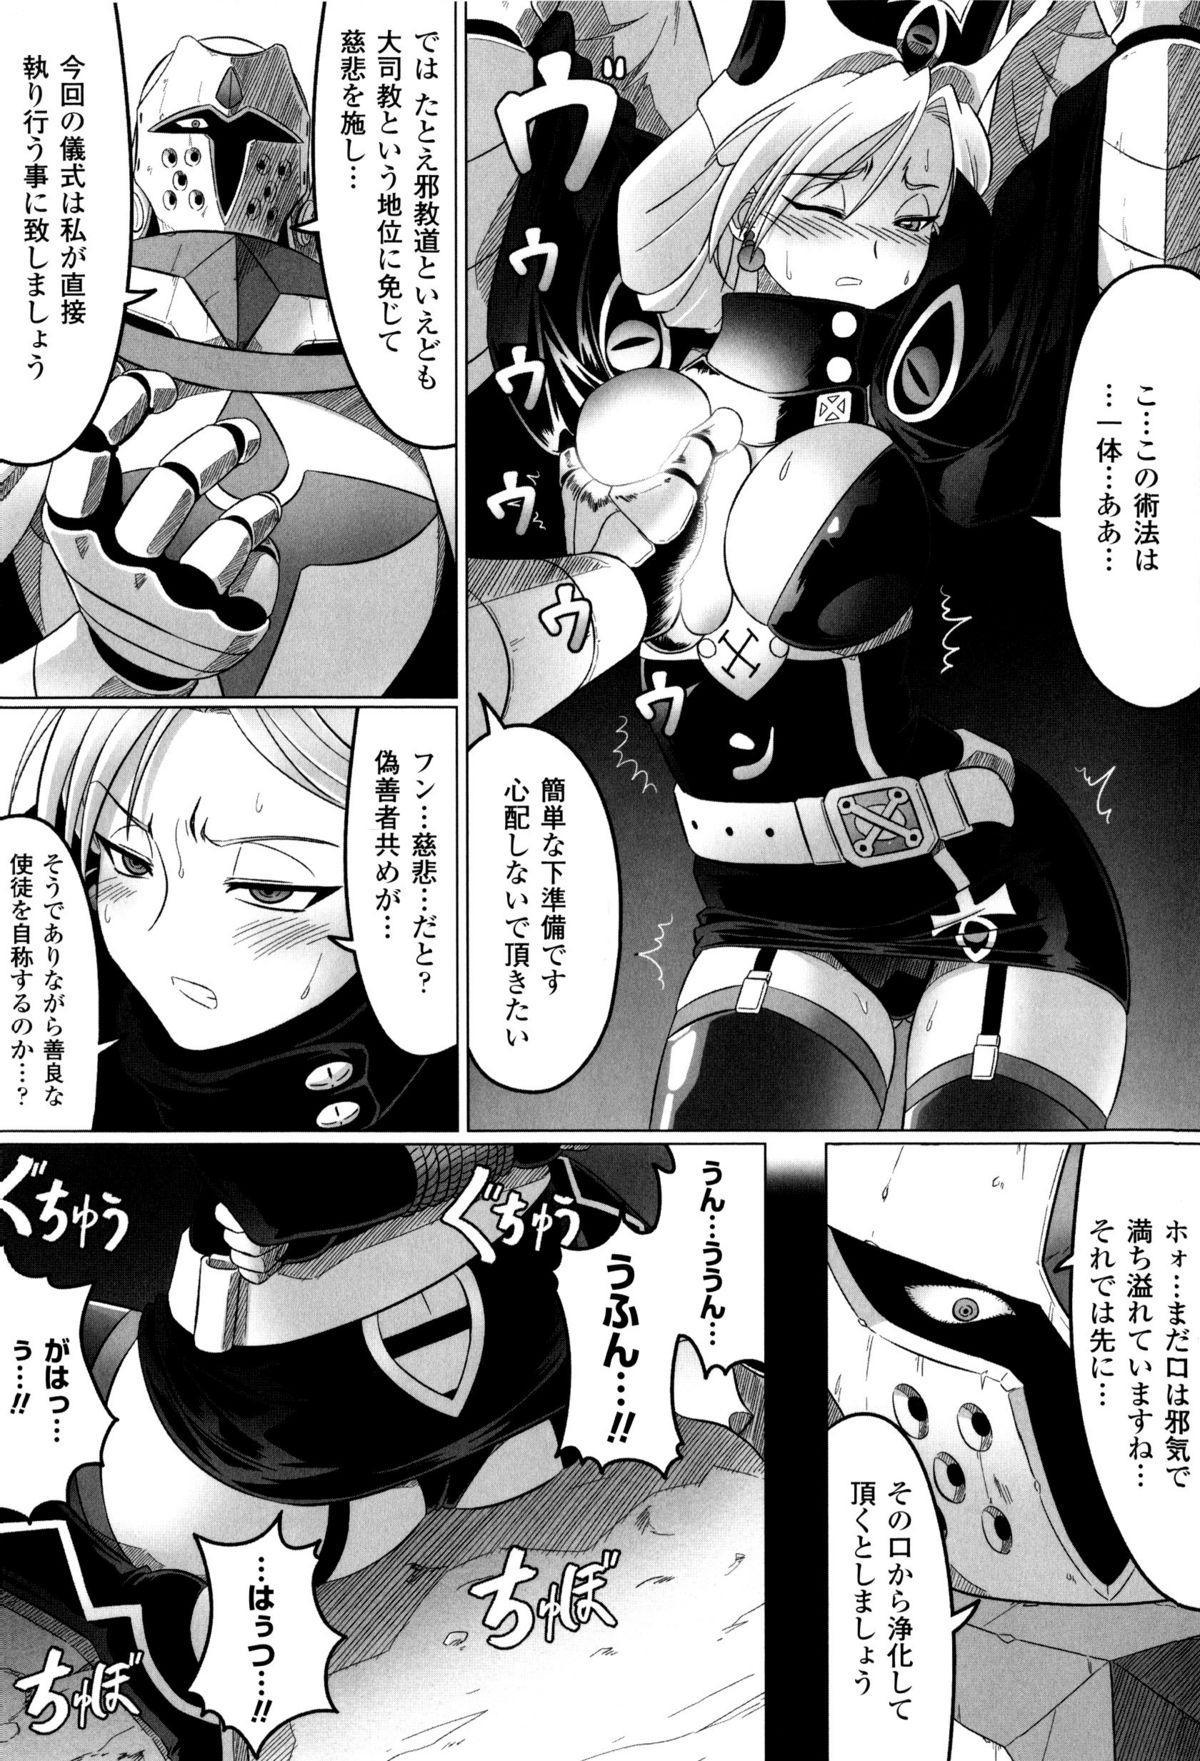 Toushin Engi Vol. 8 137